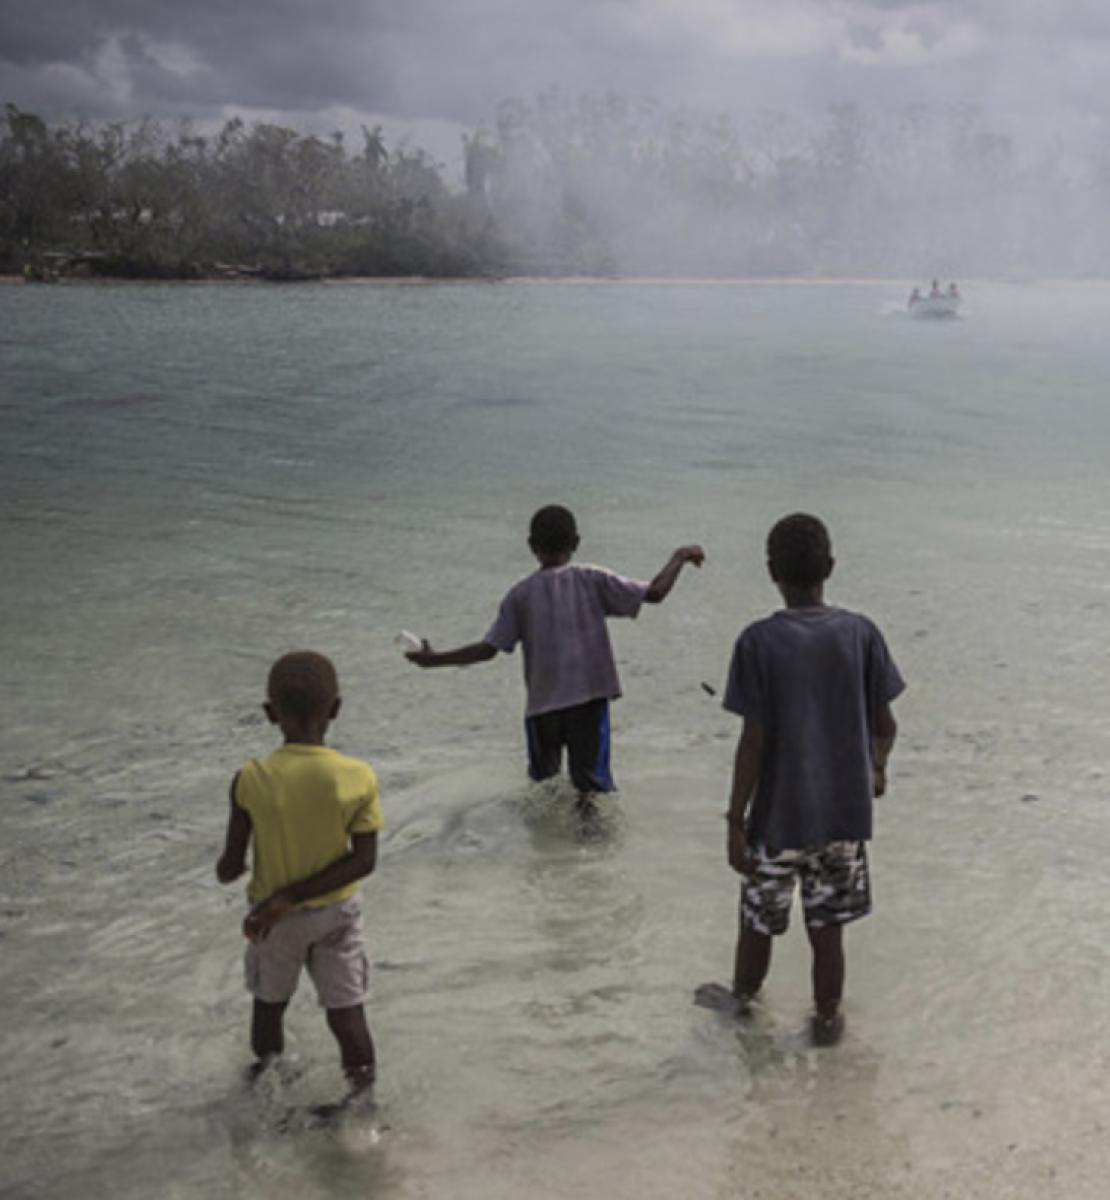 Trois enfants se tiennent debout dans un plan d'eau, dos à la caméra et regardent un bateau s'éloigner.